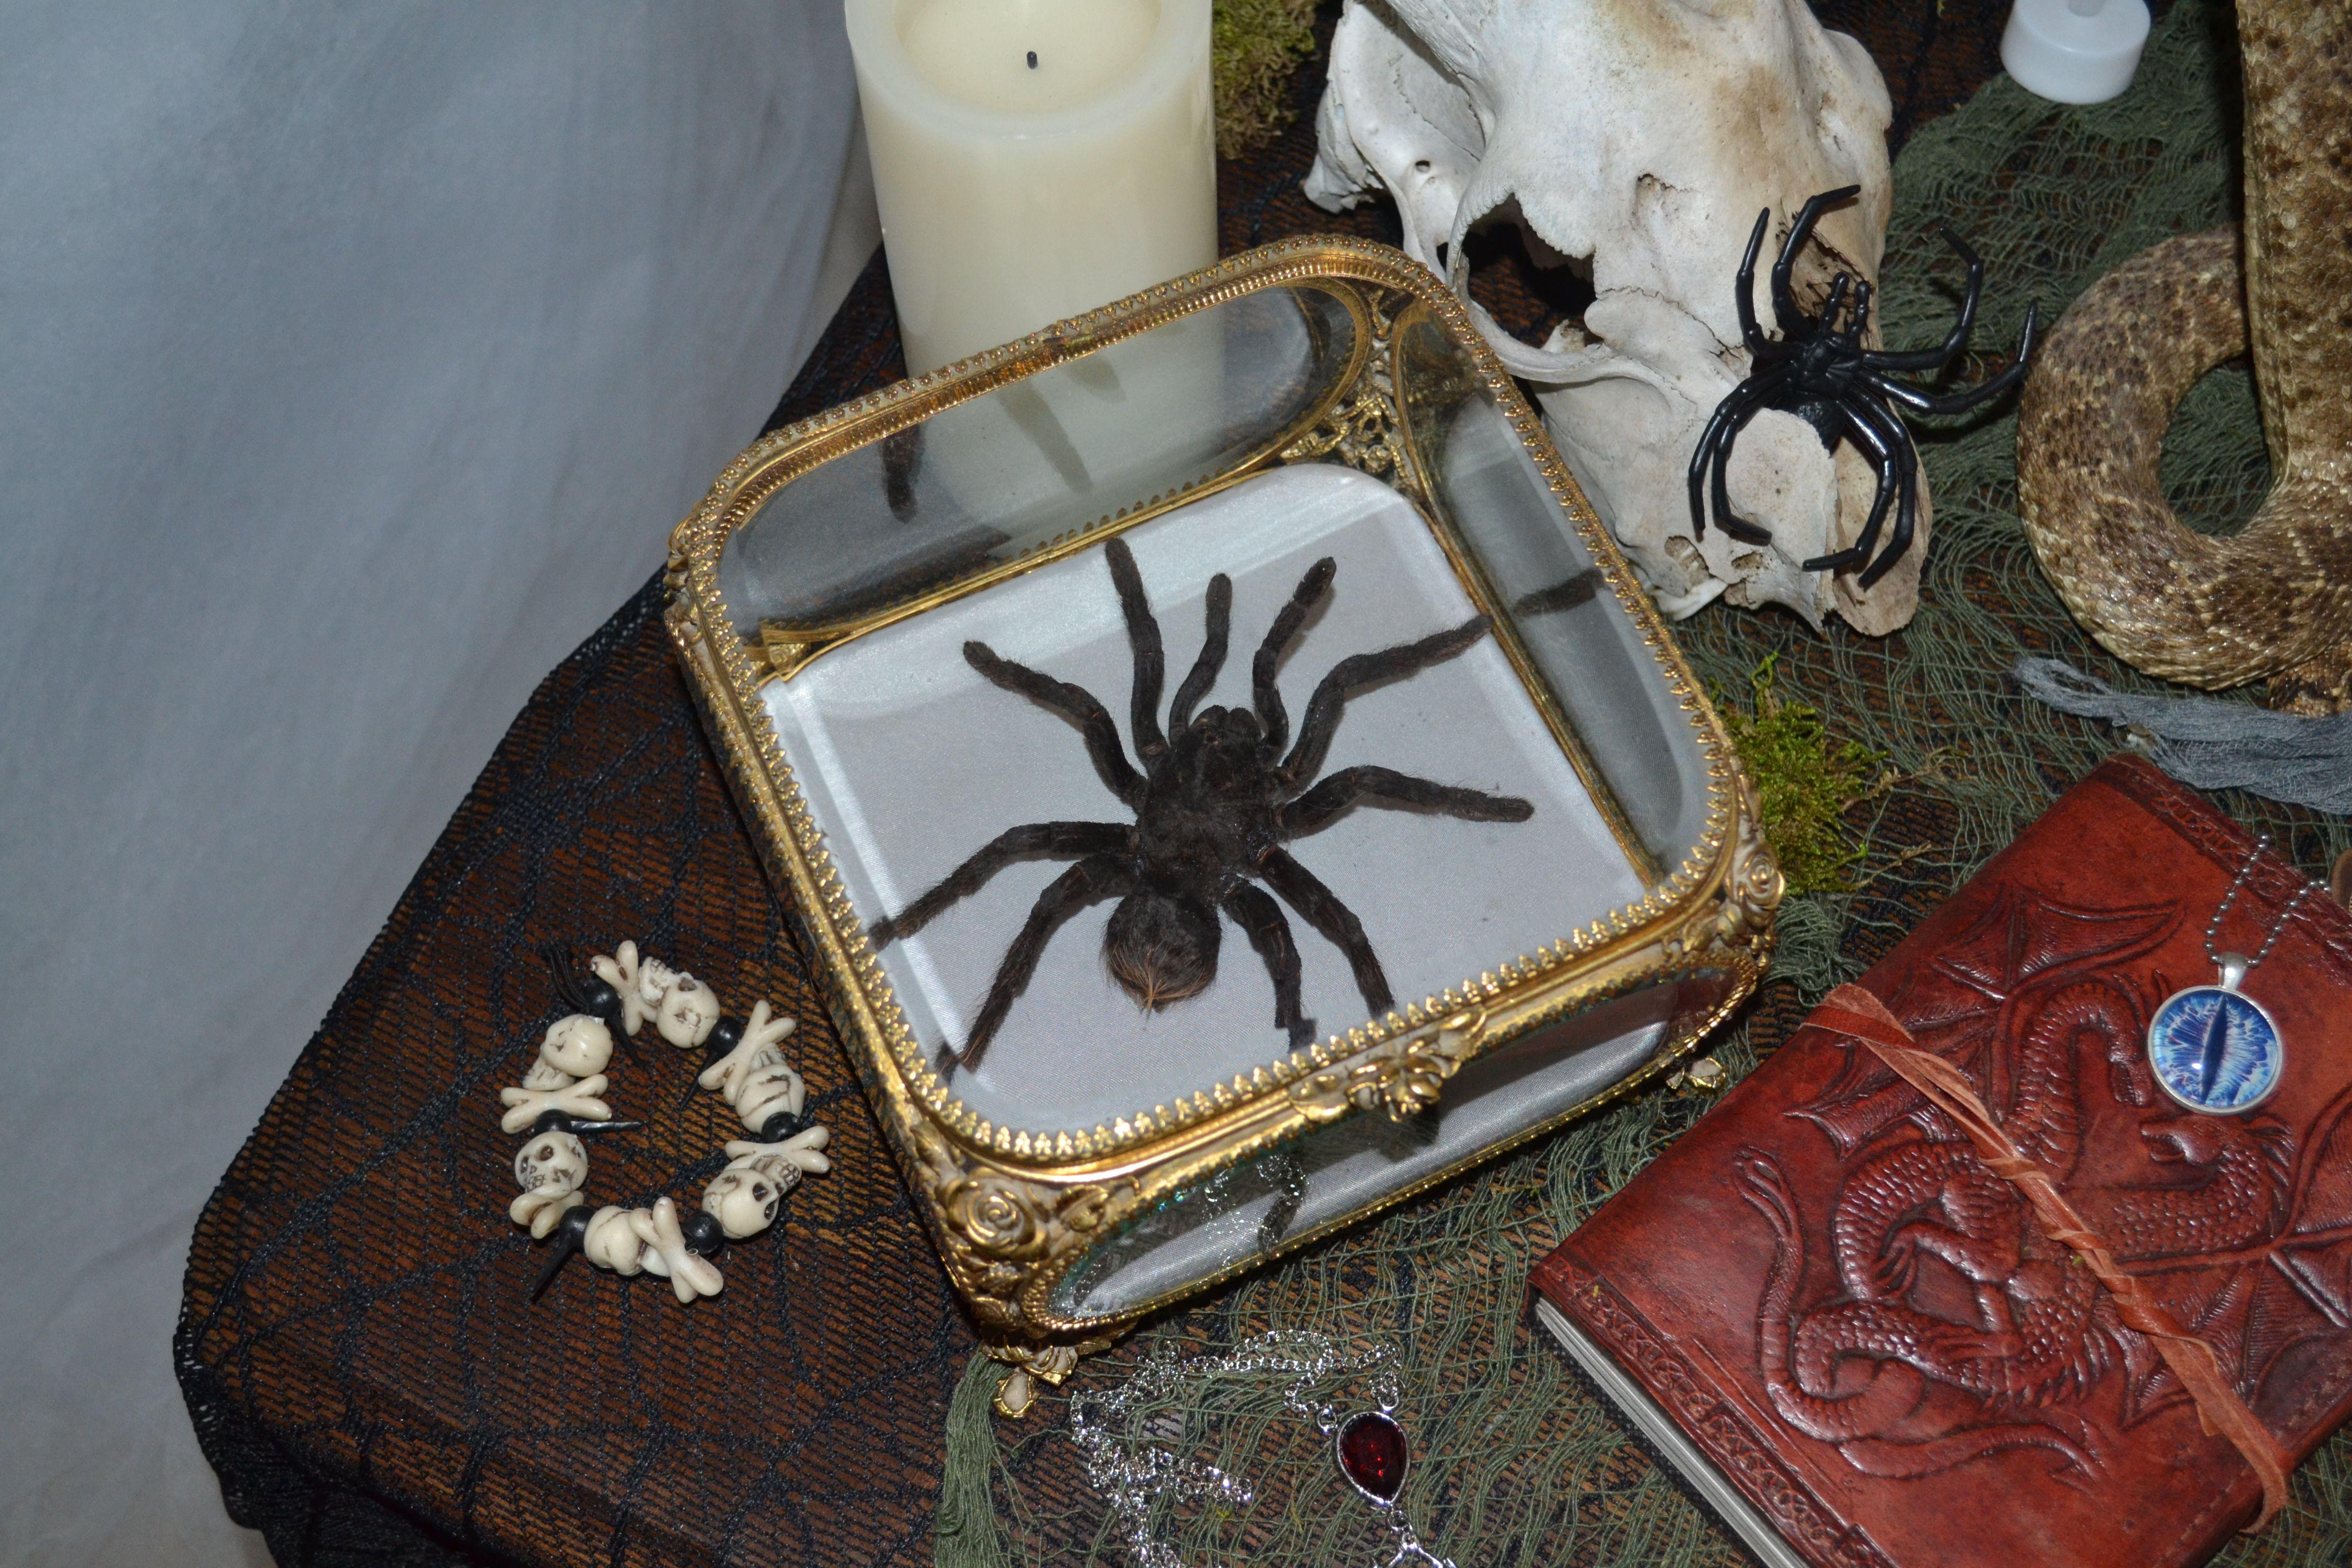 Ormolu Casket for a Tarantula (Halloween Oddities)